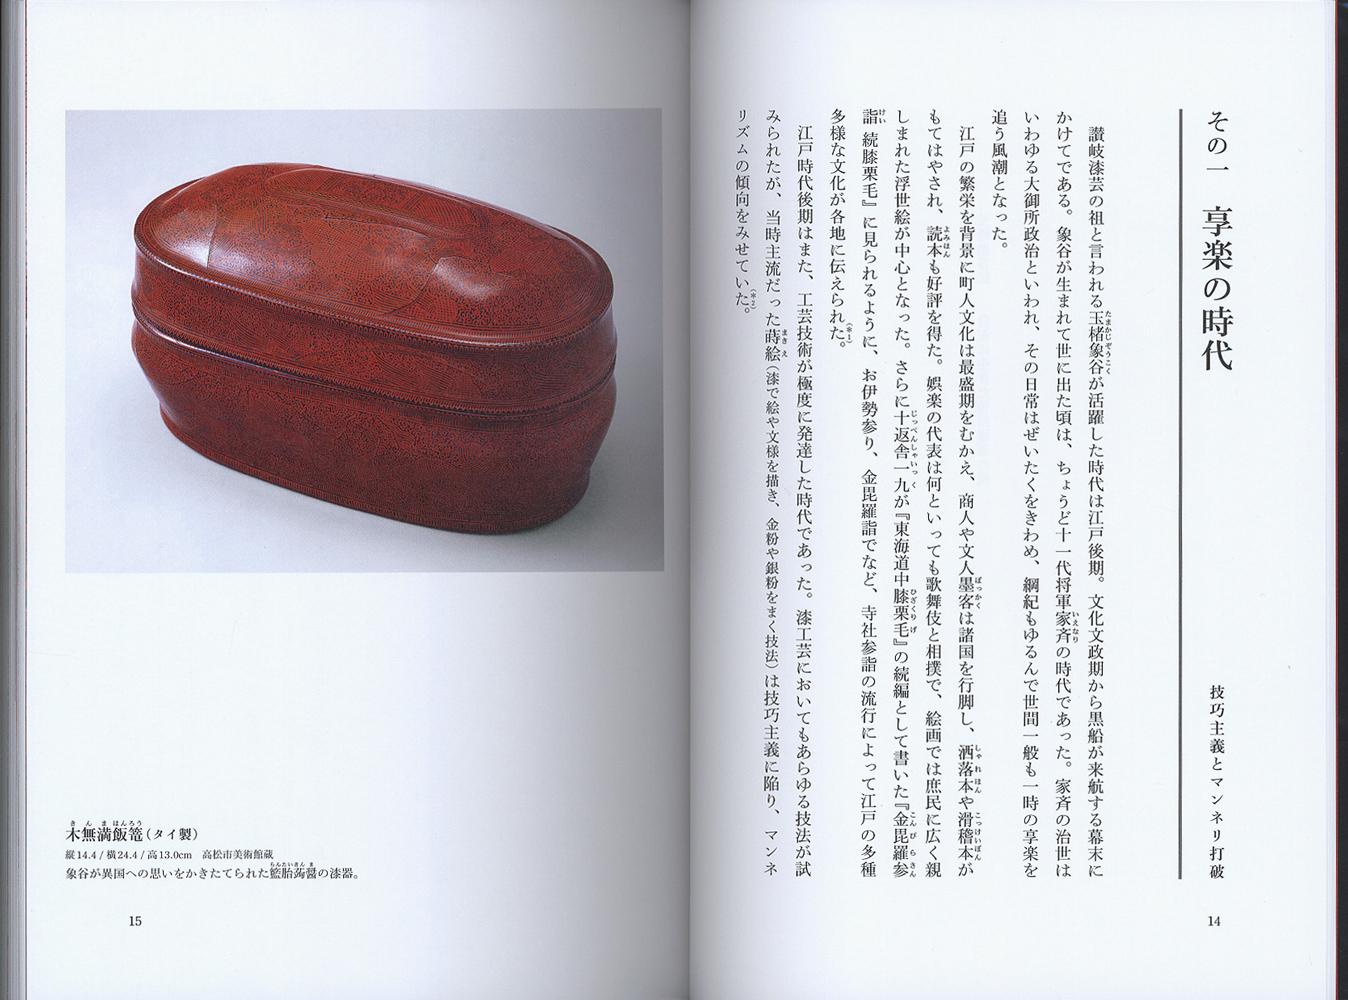 玉楮象谷伝 自在に生きた香川漆芸の祖[image2]